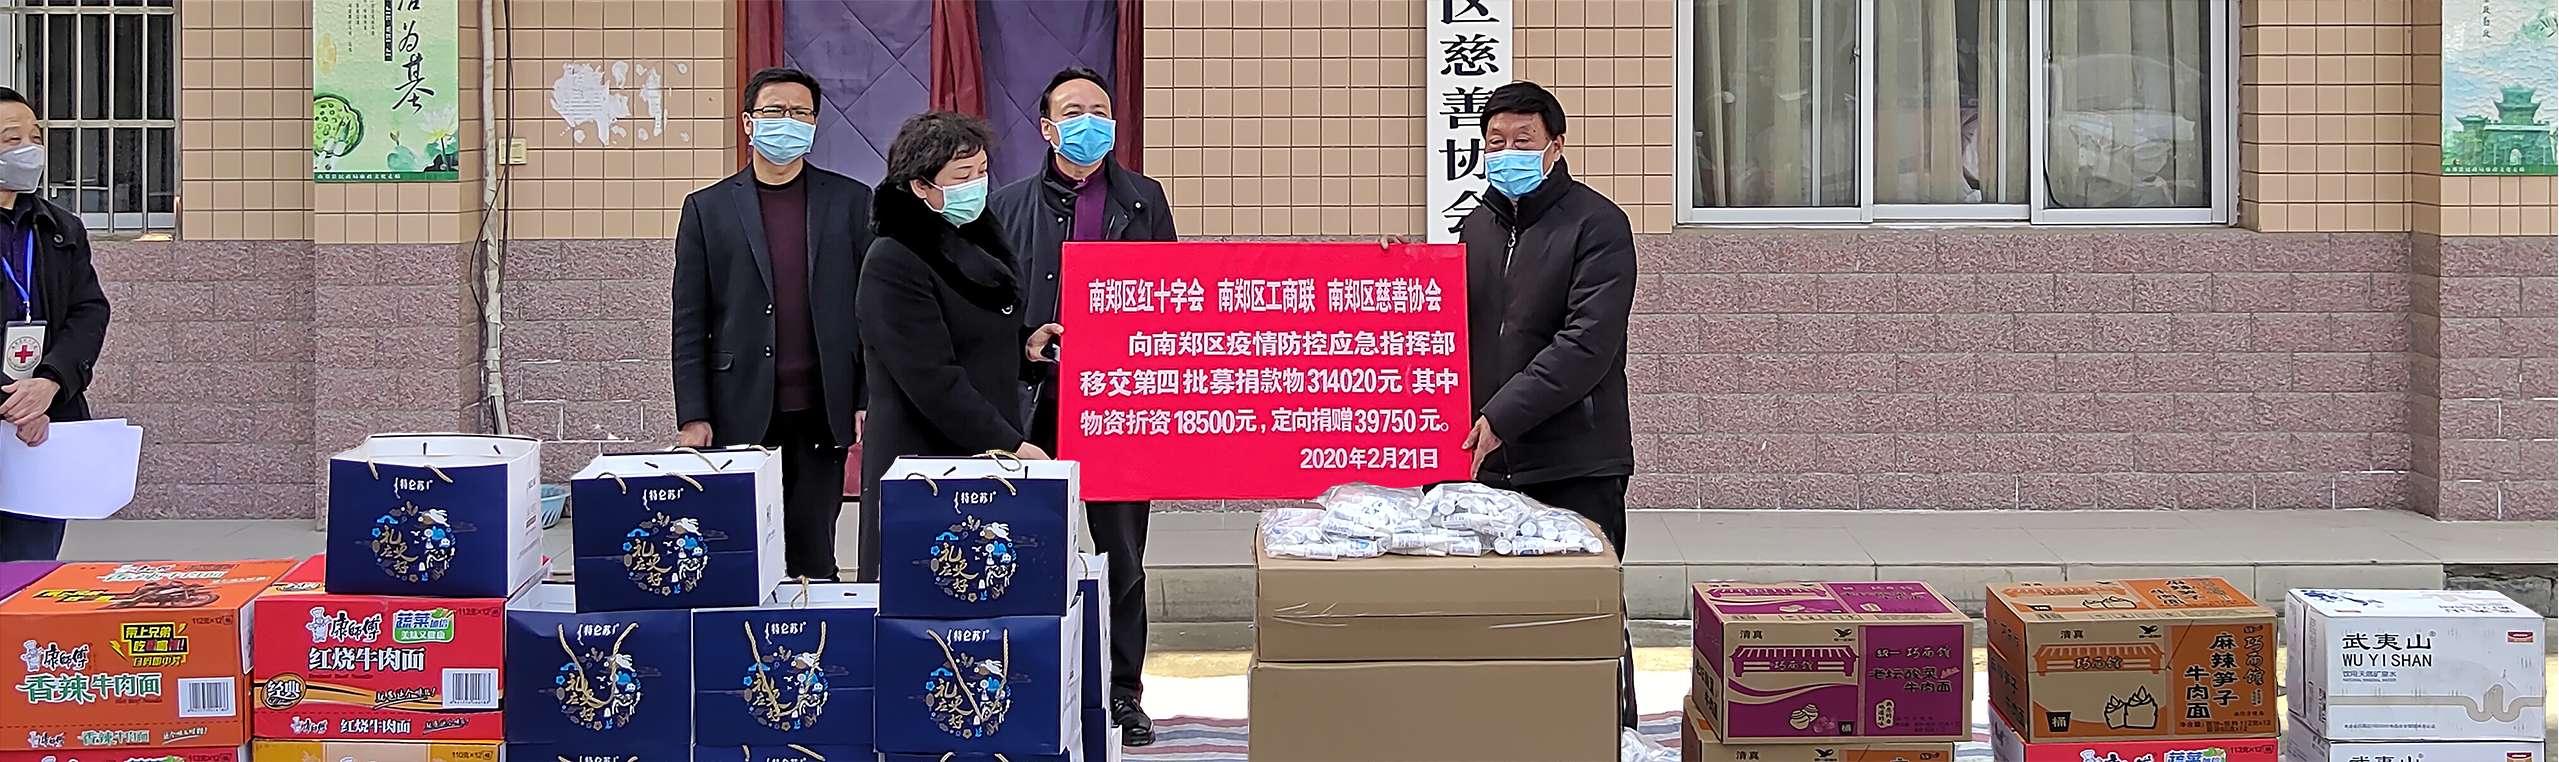 众志成城.共同抗疫——南郑区举行新冠肺炎疫情第四批捐赠仪式